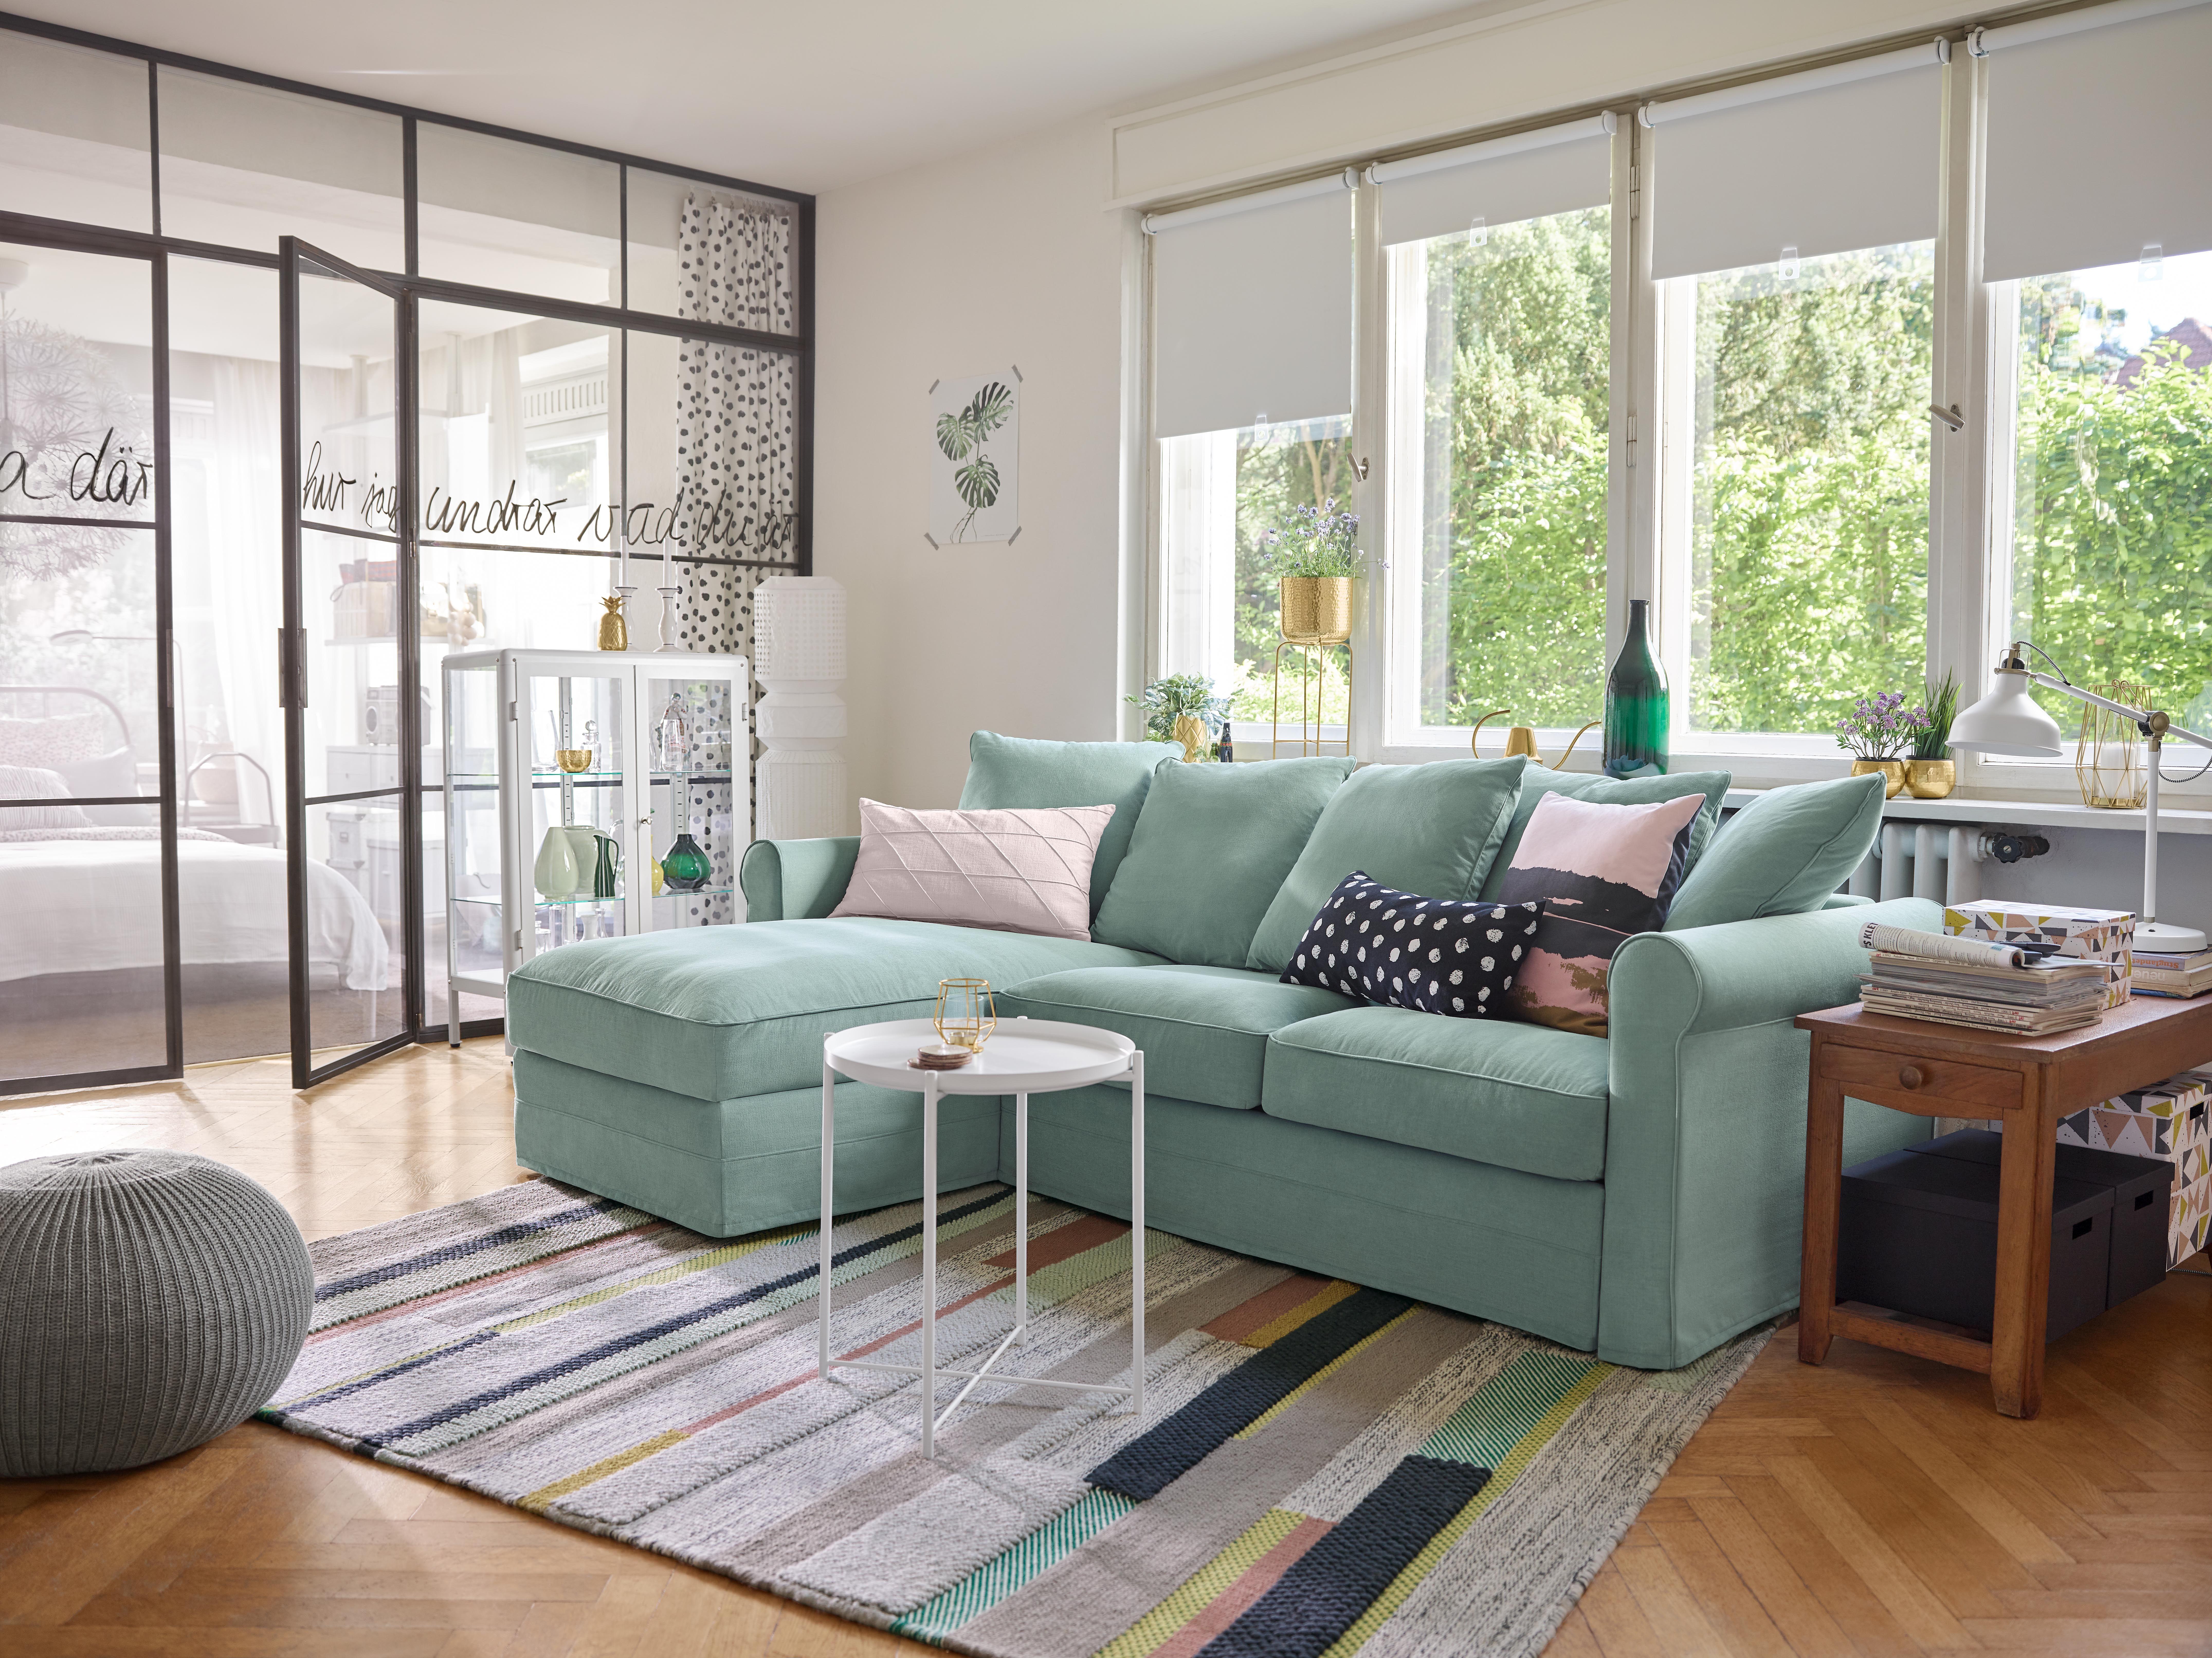 GrÖnlid 3er Sofa Ljungen Hellgrün Ikea Deutschland Wohnzimmer Ideen Gemütlich Wohnzimmer Ideen Wohnung Ikea Wohnzimmer